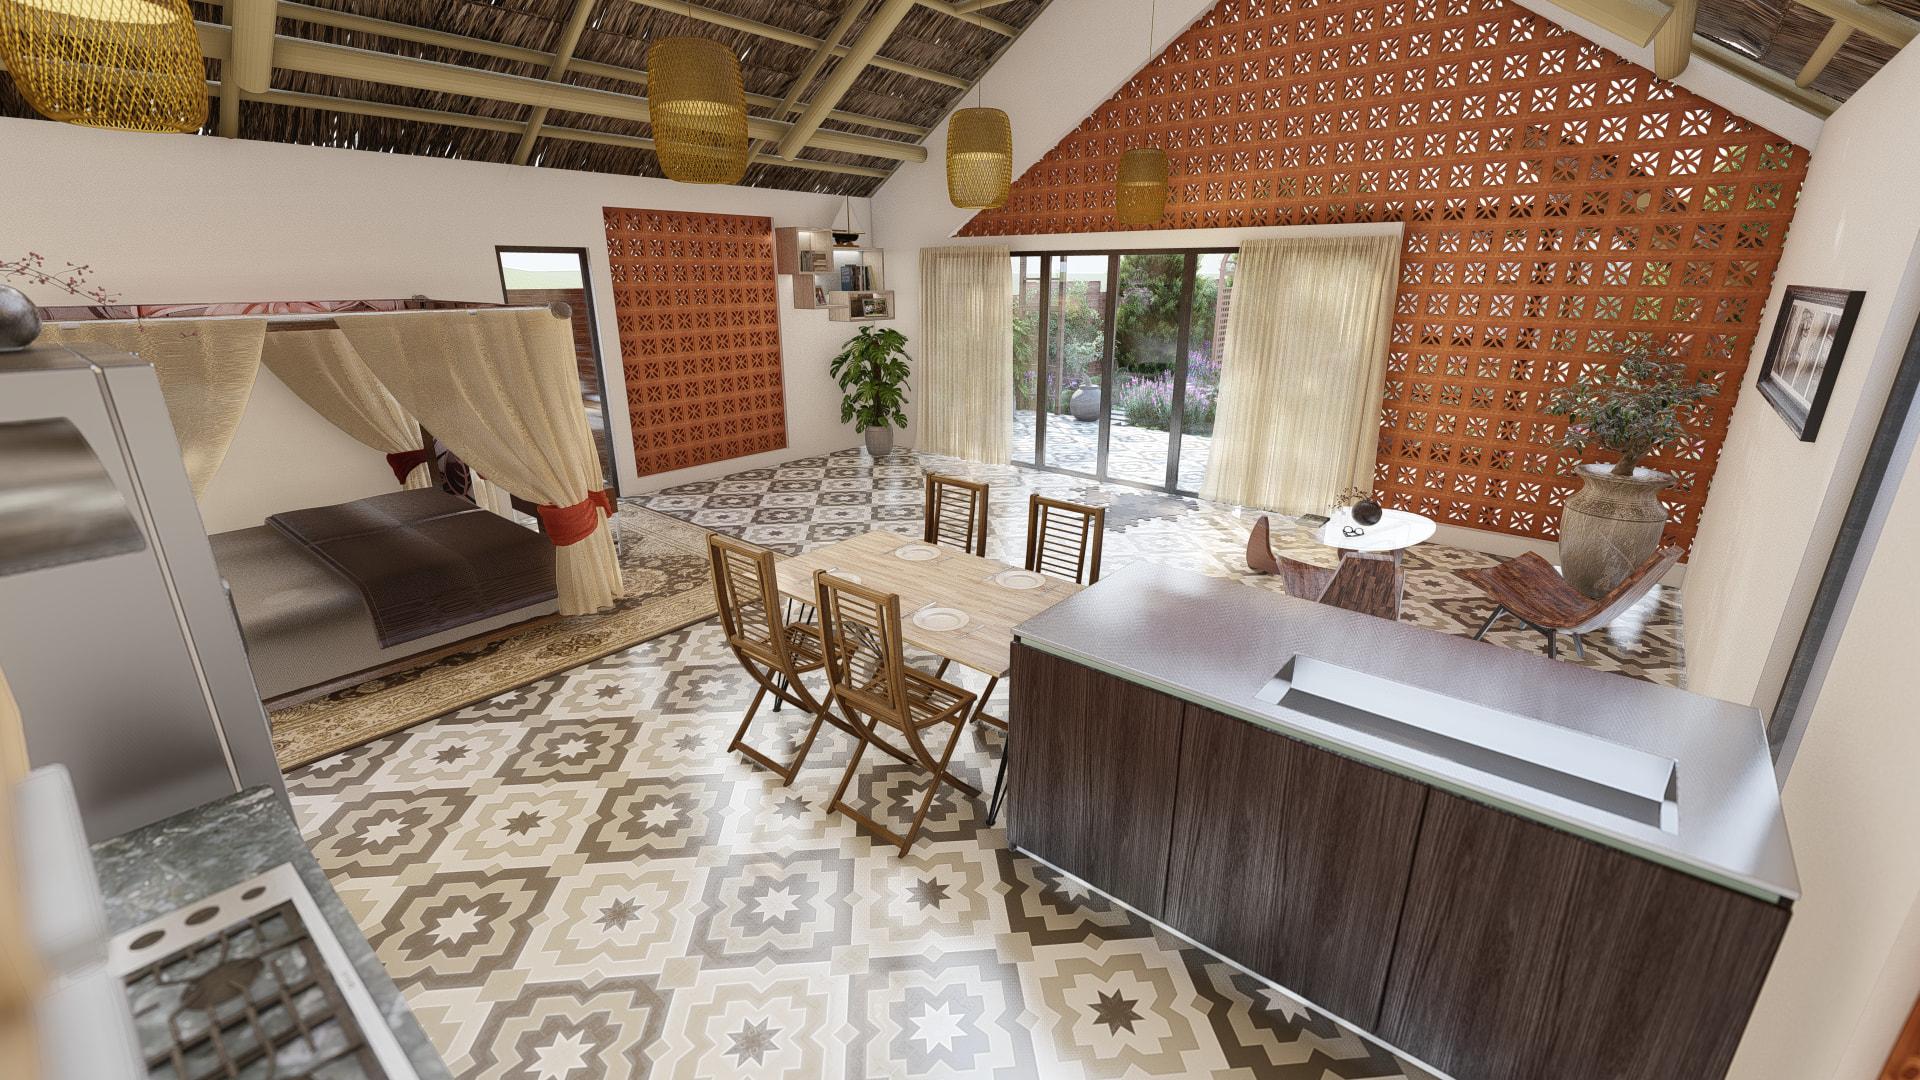 thiết kế Nhà tại Đồng Nai NHÀ SINH HOẠT TUẦN ,NGHĨ DƯỠNG  20 1557156714